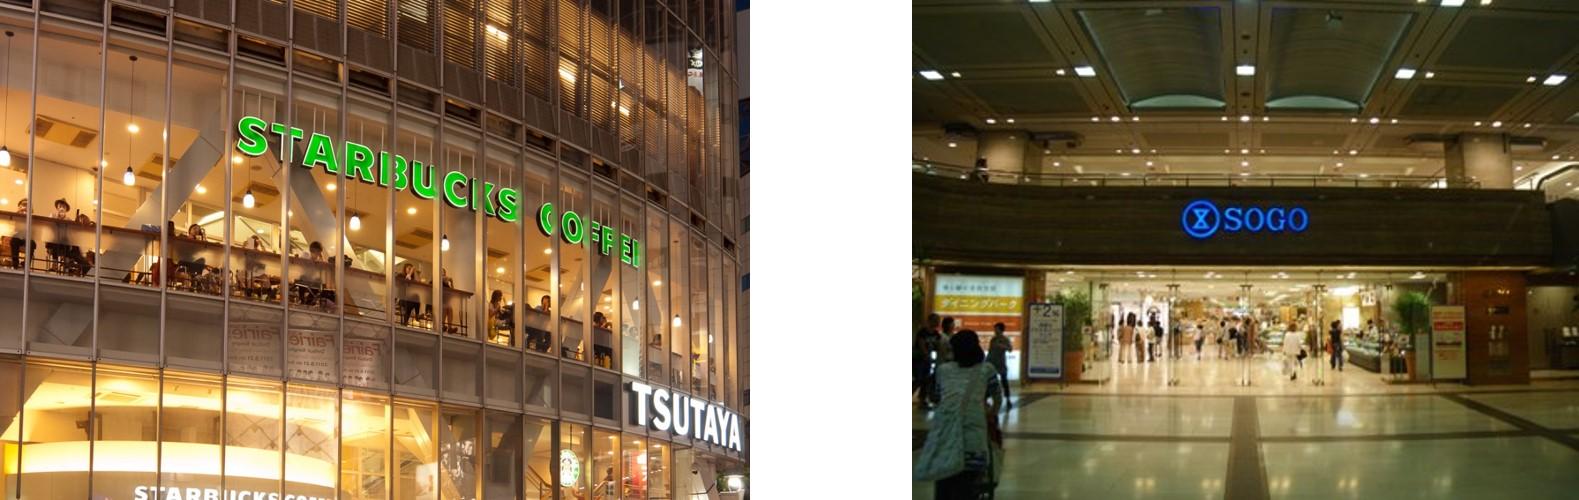 渋谷スタバと横浜そごう